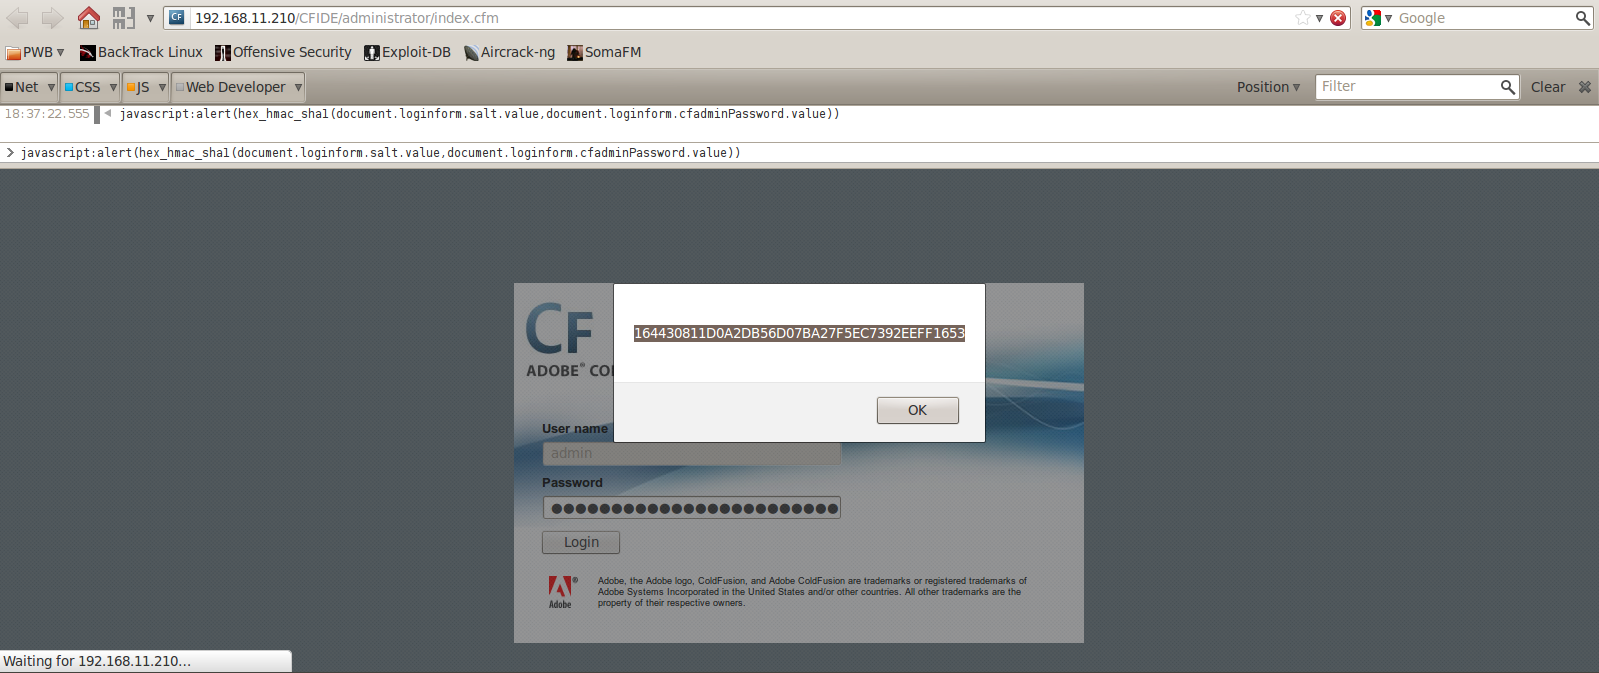 Jump ESP, jump!: Attacking Adobe ColdFusion